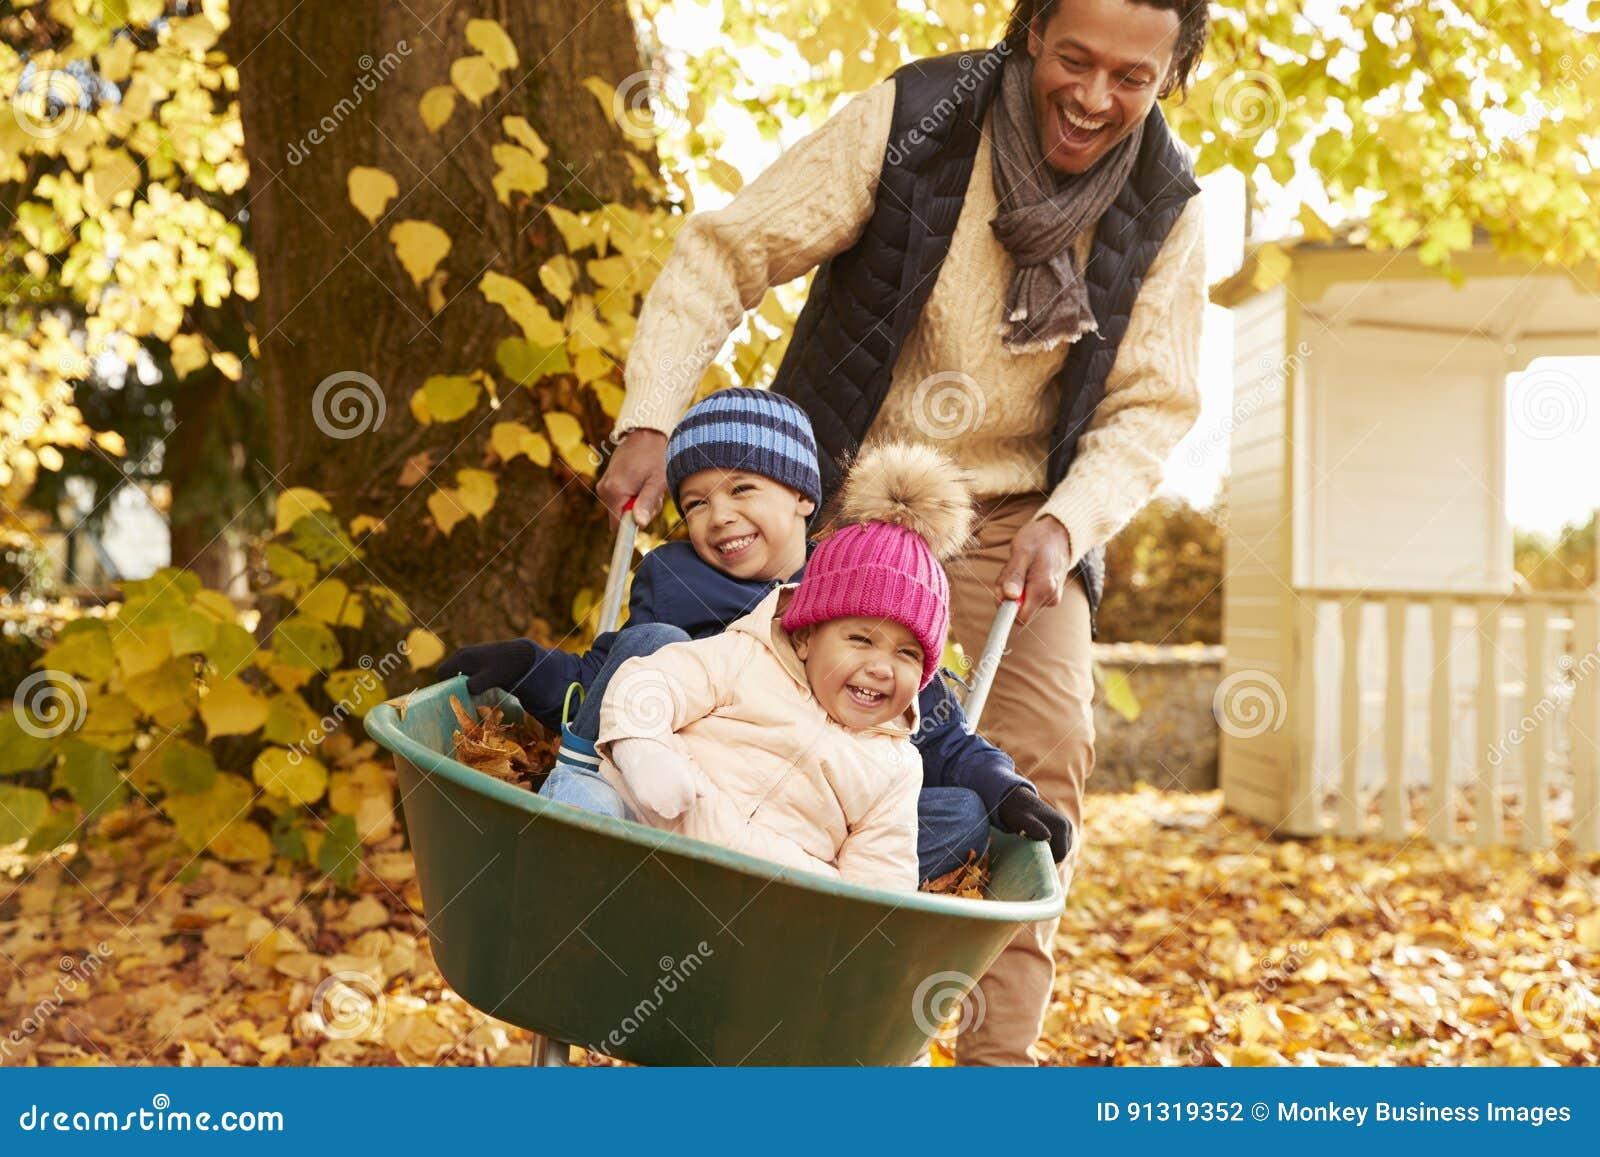 Vader In Autumn Garden Gives Children Ride in Kruiwagen